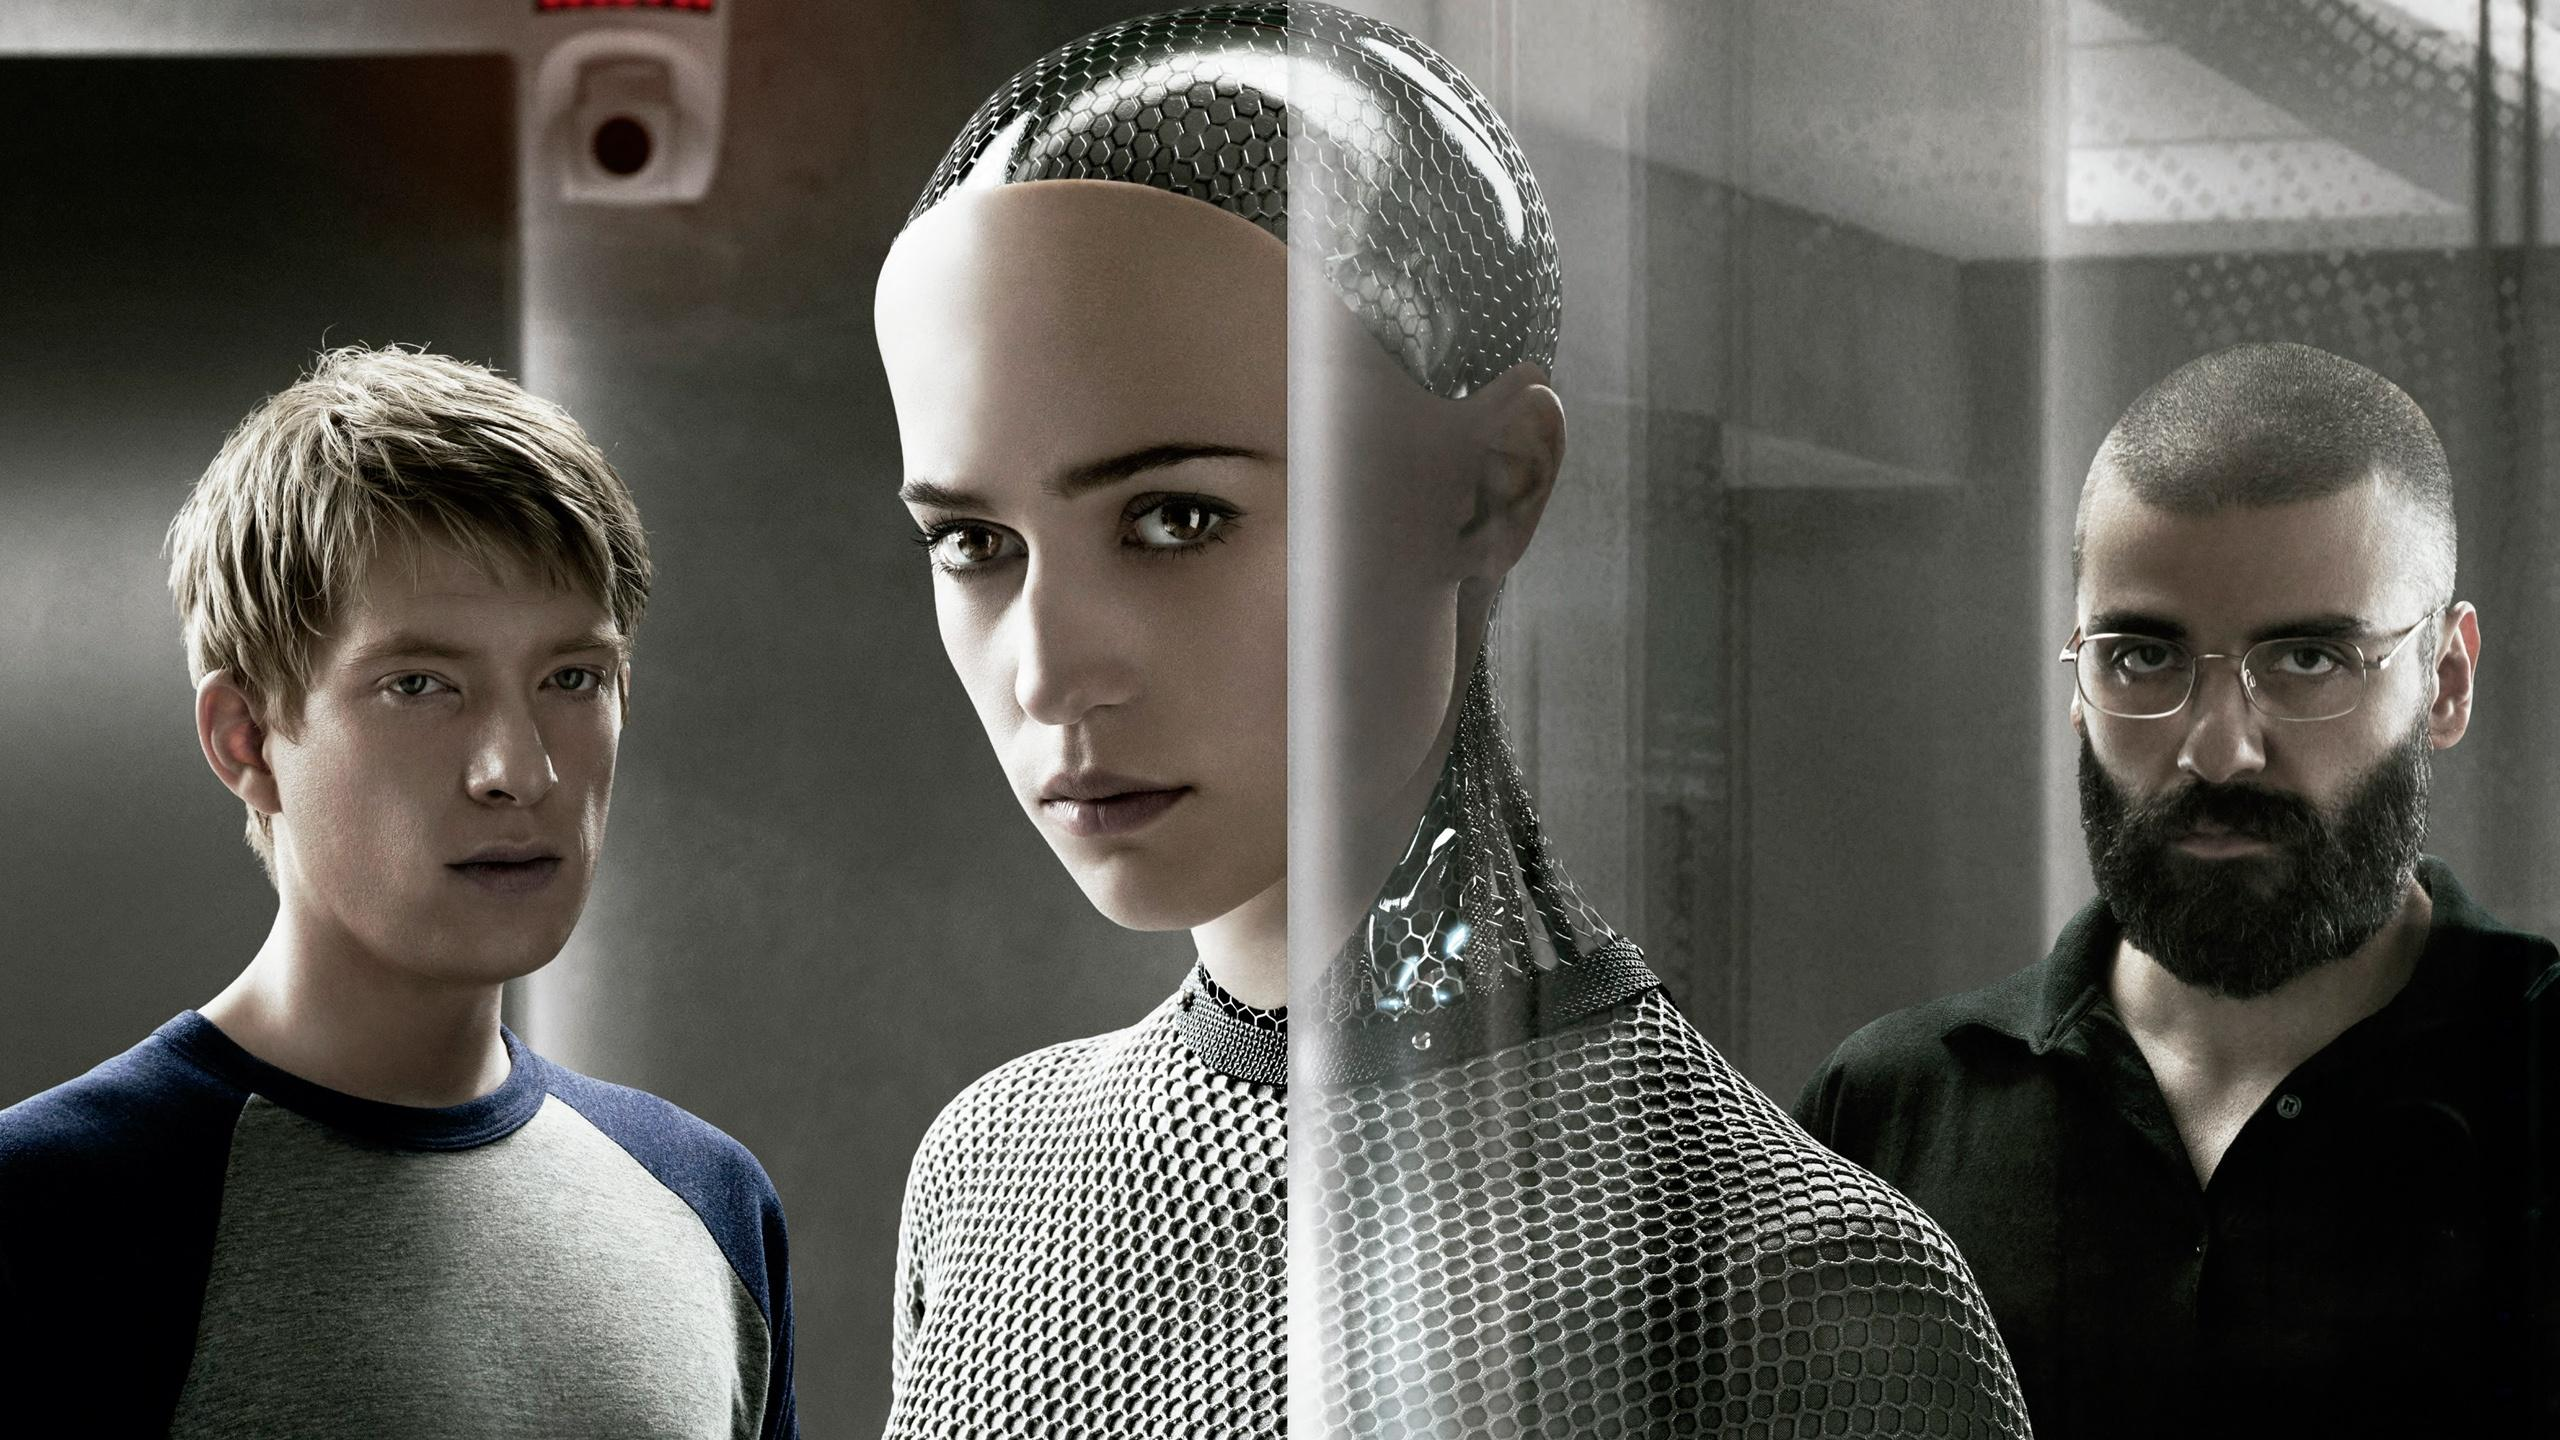 ИИ сможет приблизиться к возможностям человеческого мозга с помощью магнитов